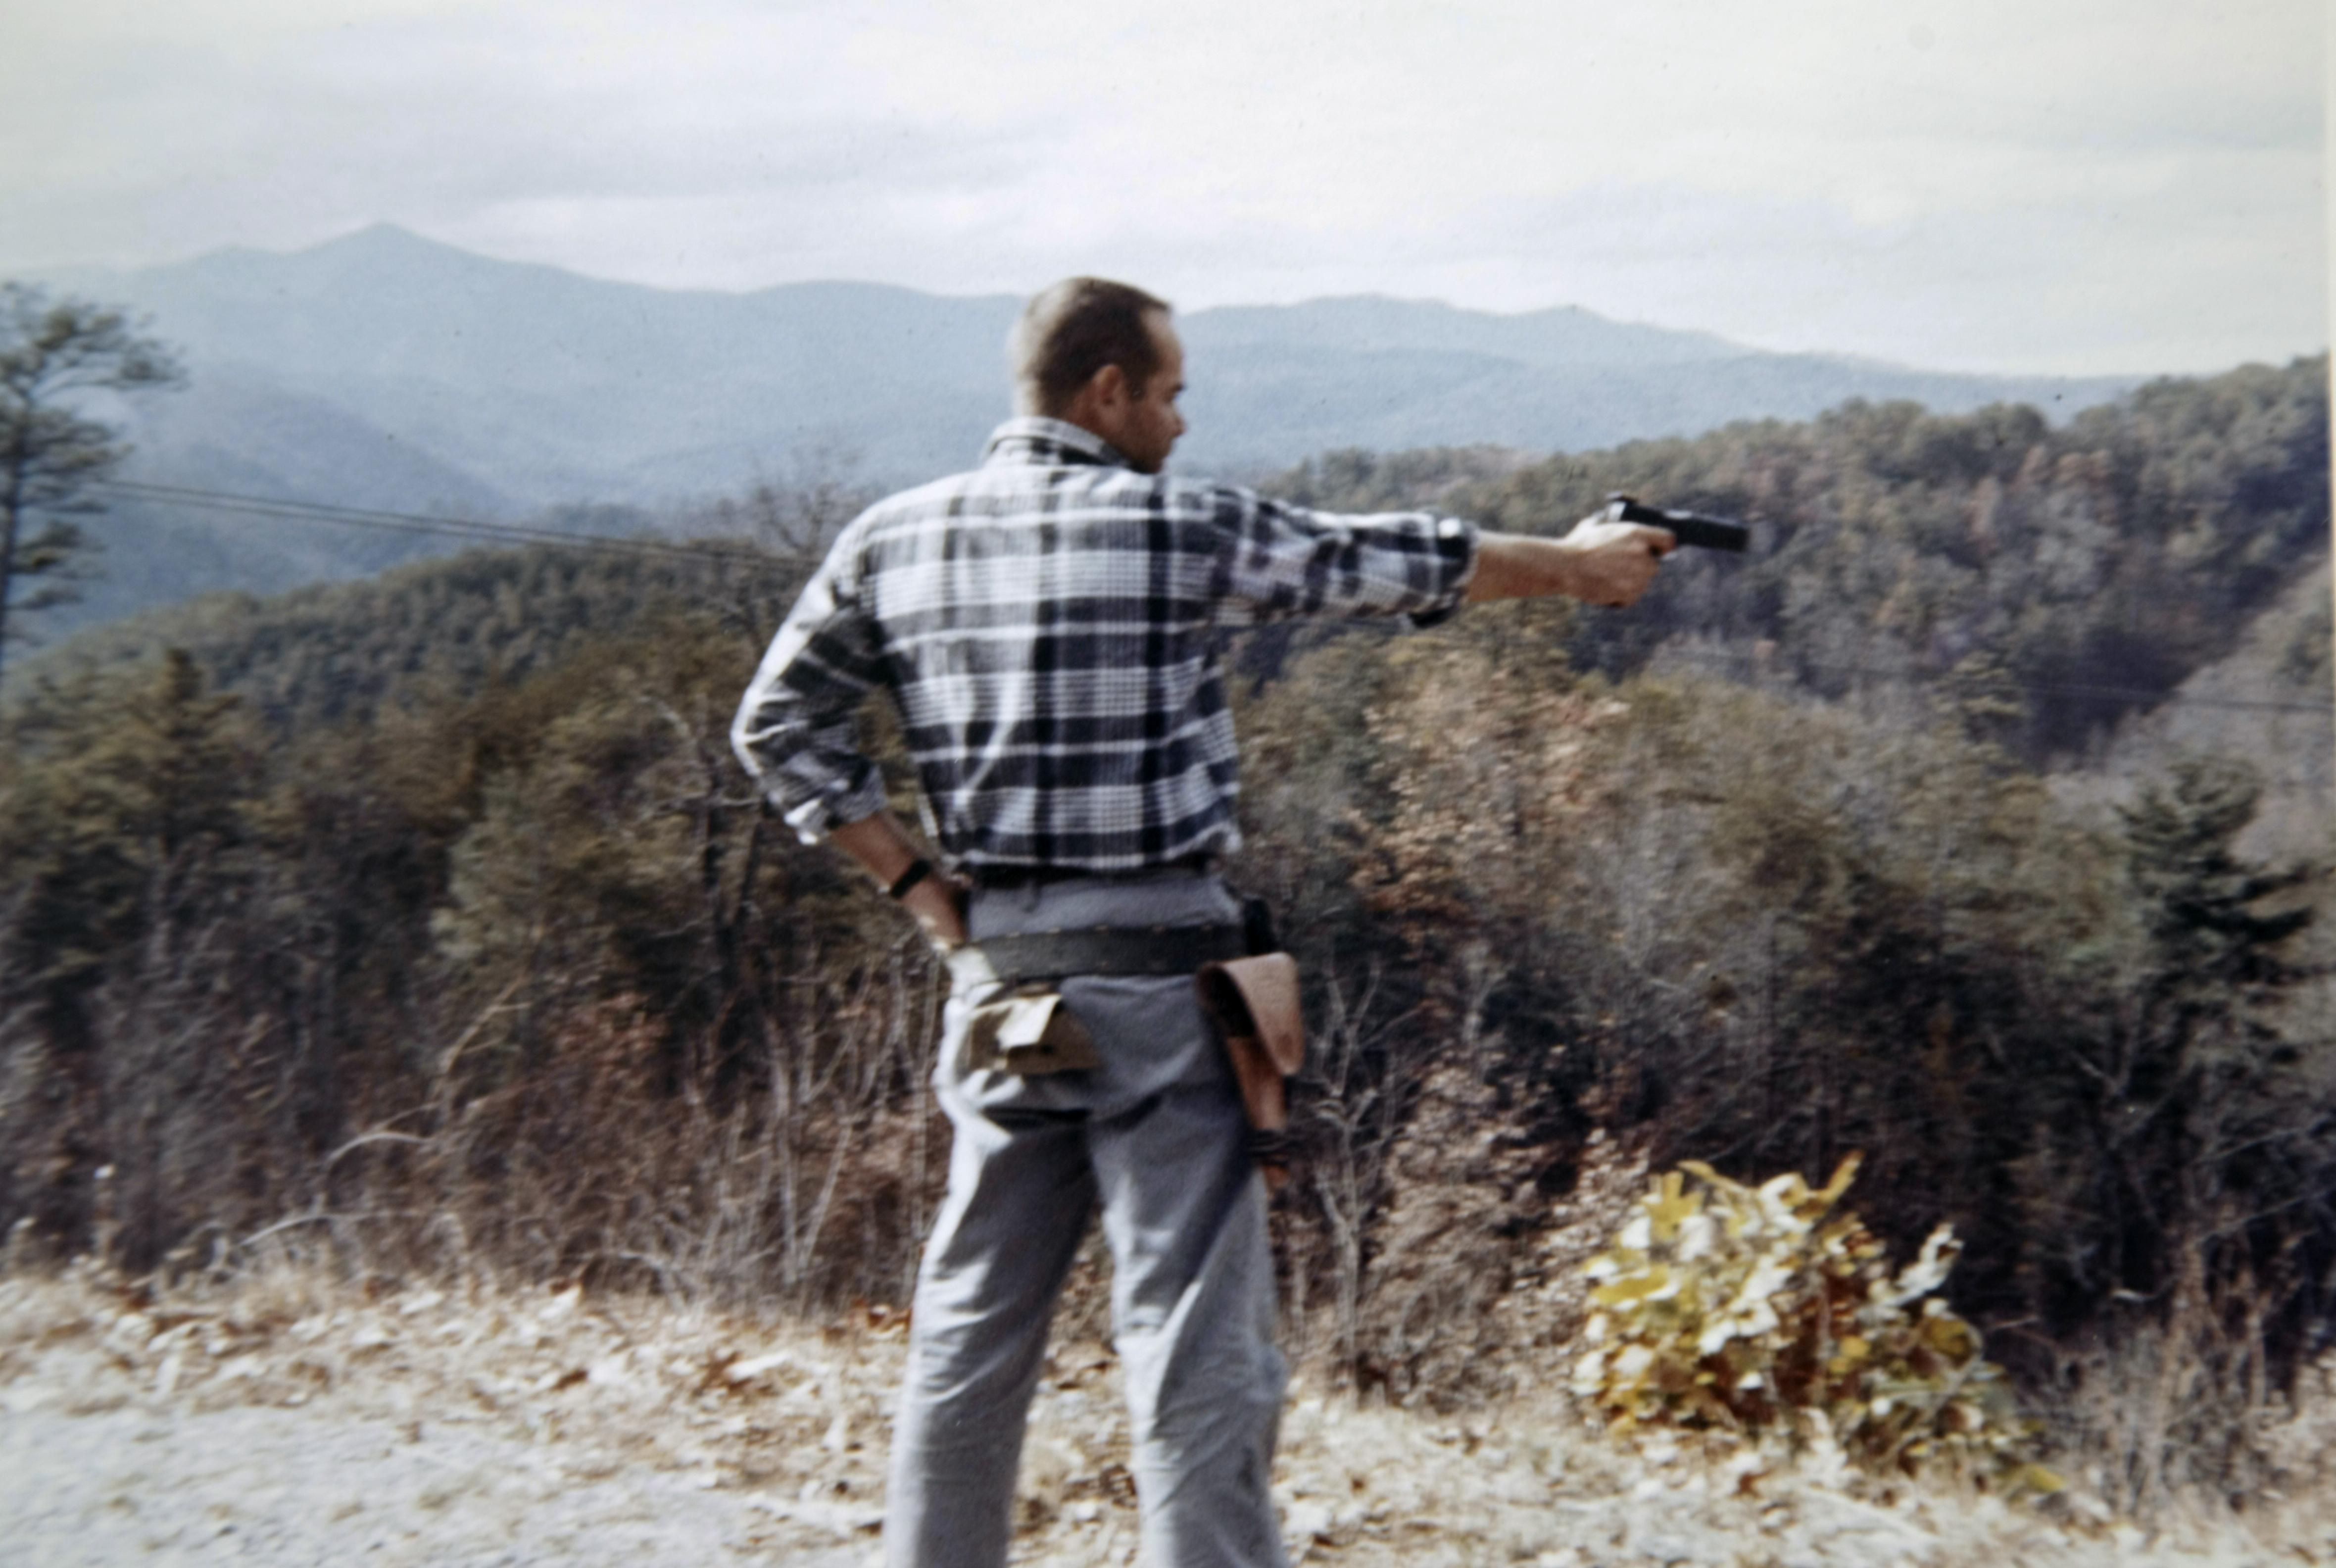 jurras-shooting-pistol.jpg